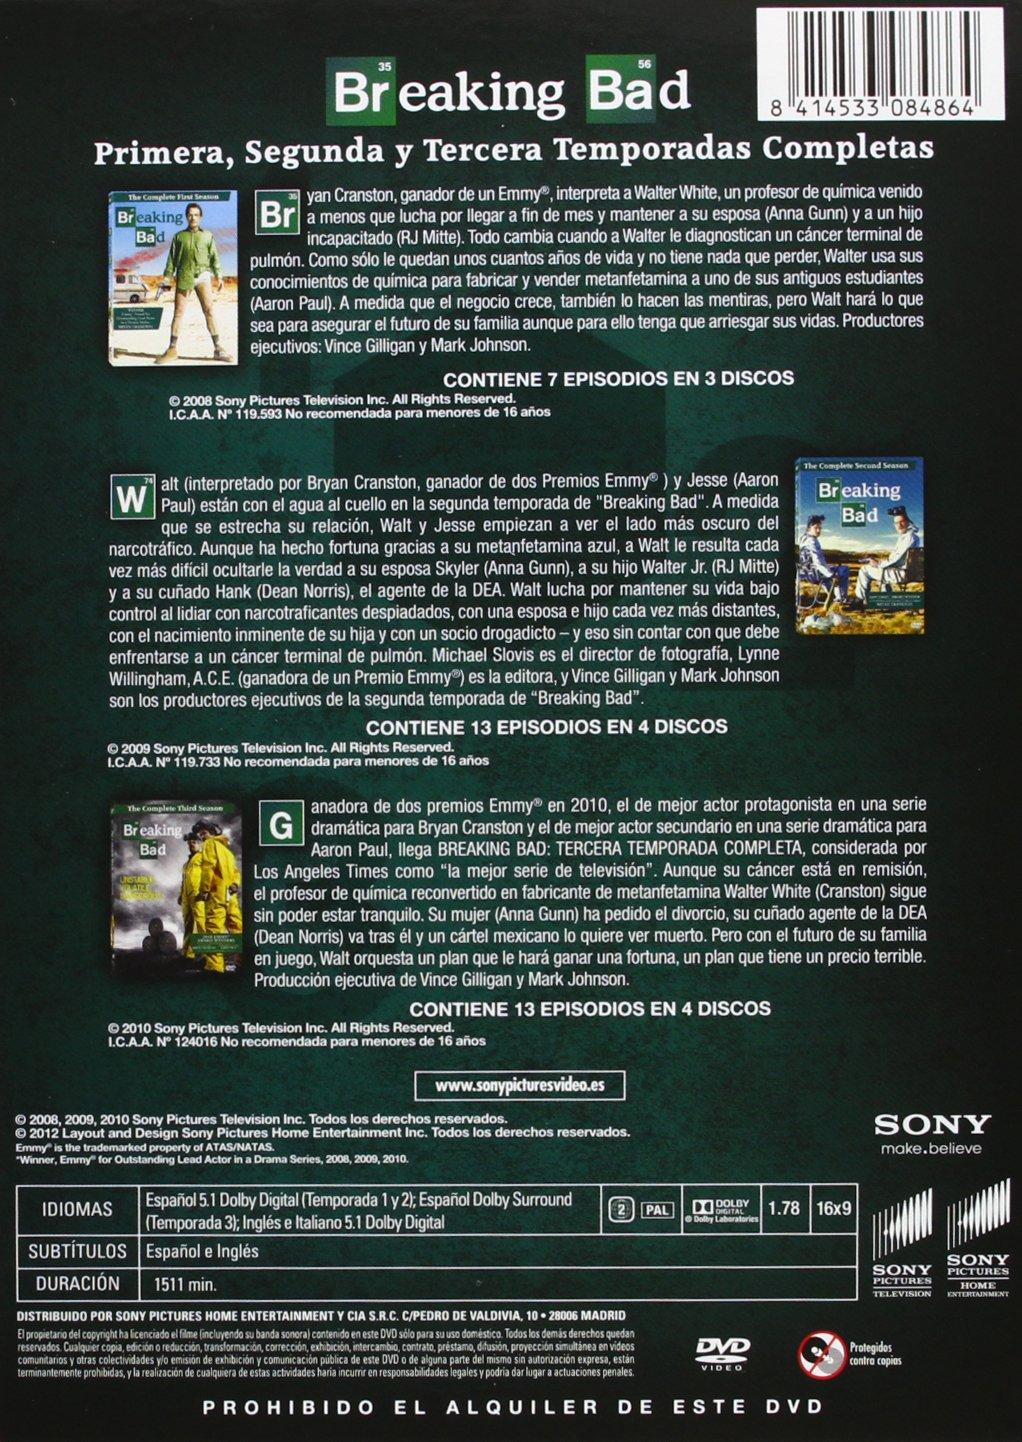 Breaking Bad - Temporada 1 + 2 + 3 [DVD]: Amazon.es: Bryan Cranston, Anna Gunn, Aaron Paul, Dean Norris, Betsy Brandt, Bob Odenkirk, Vince Gilligan, Bryan Cranston, Anna Gunn: Cine y Series TV